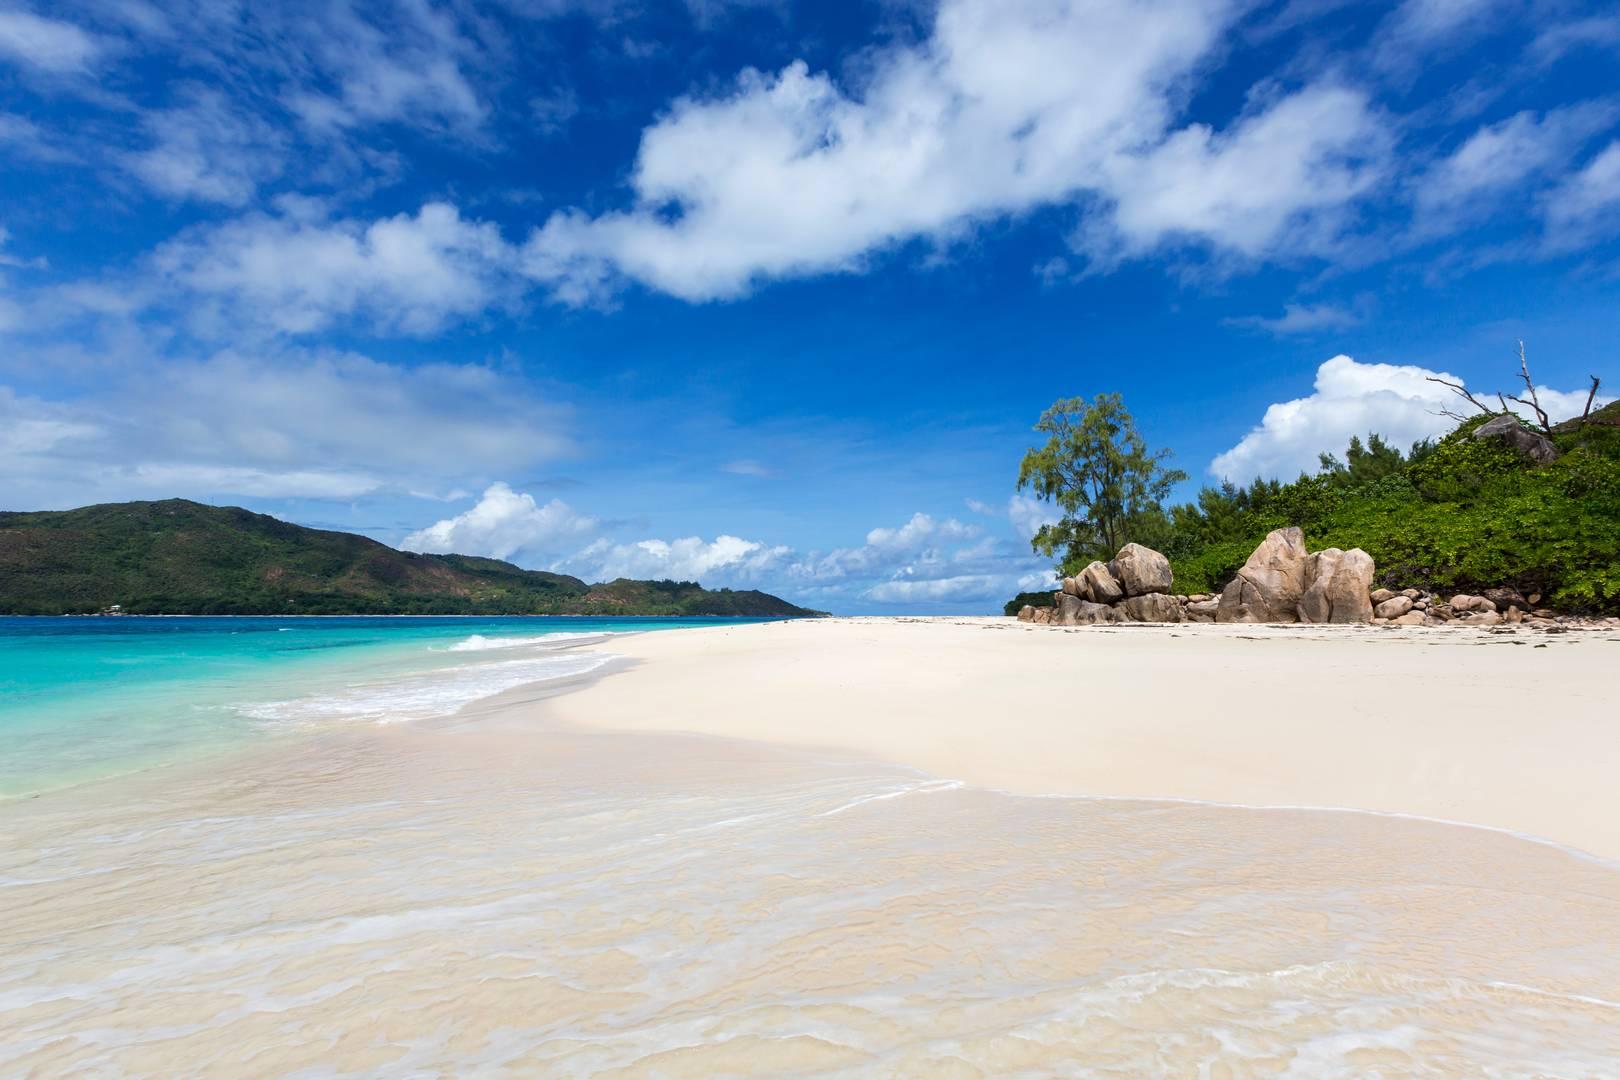 Kajmanski otoci stranica za besplatno upoznavanje